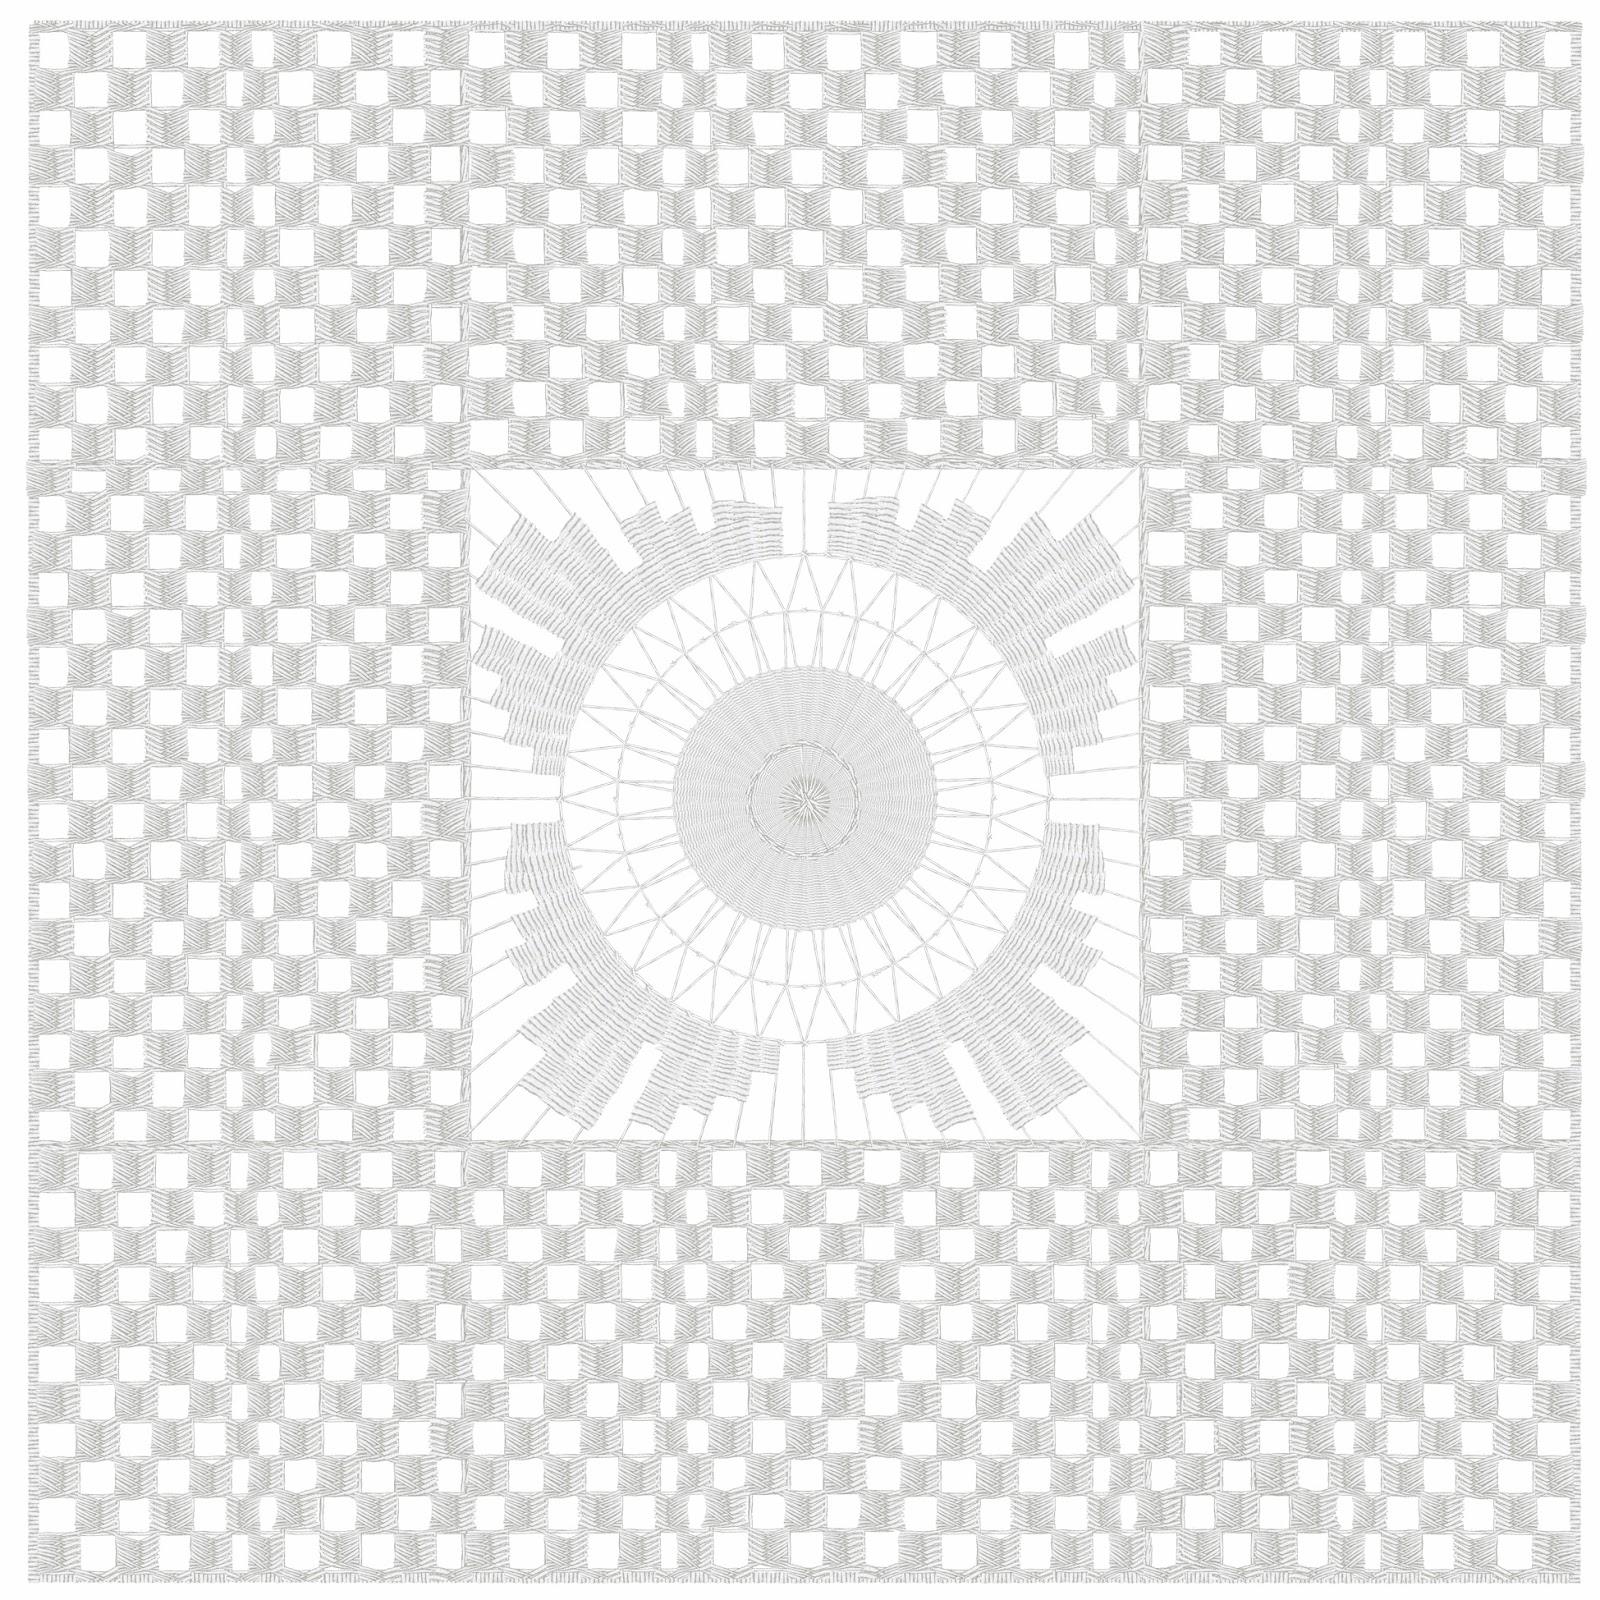 hilorama 1,  Congo, geometrias, hilo, dibujo